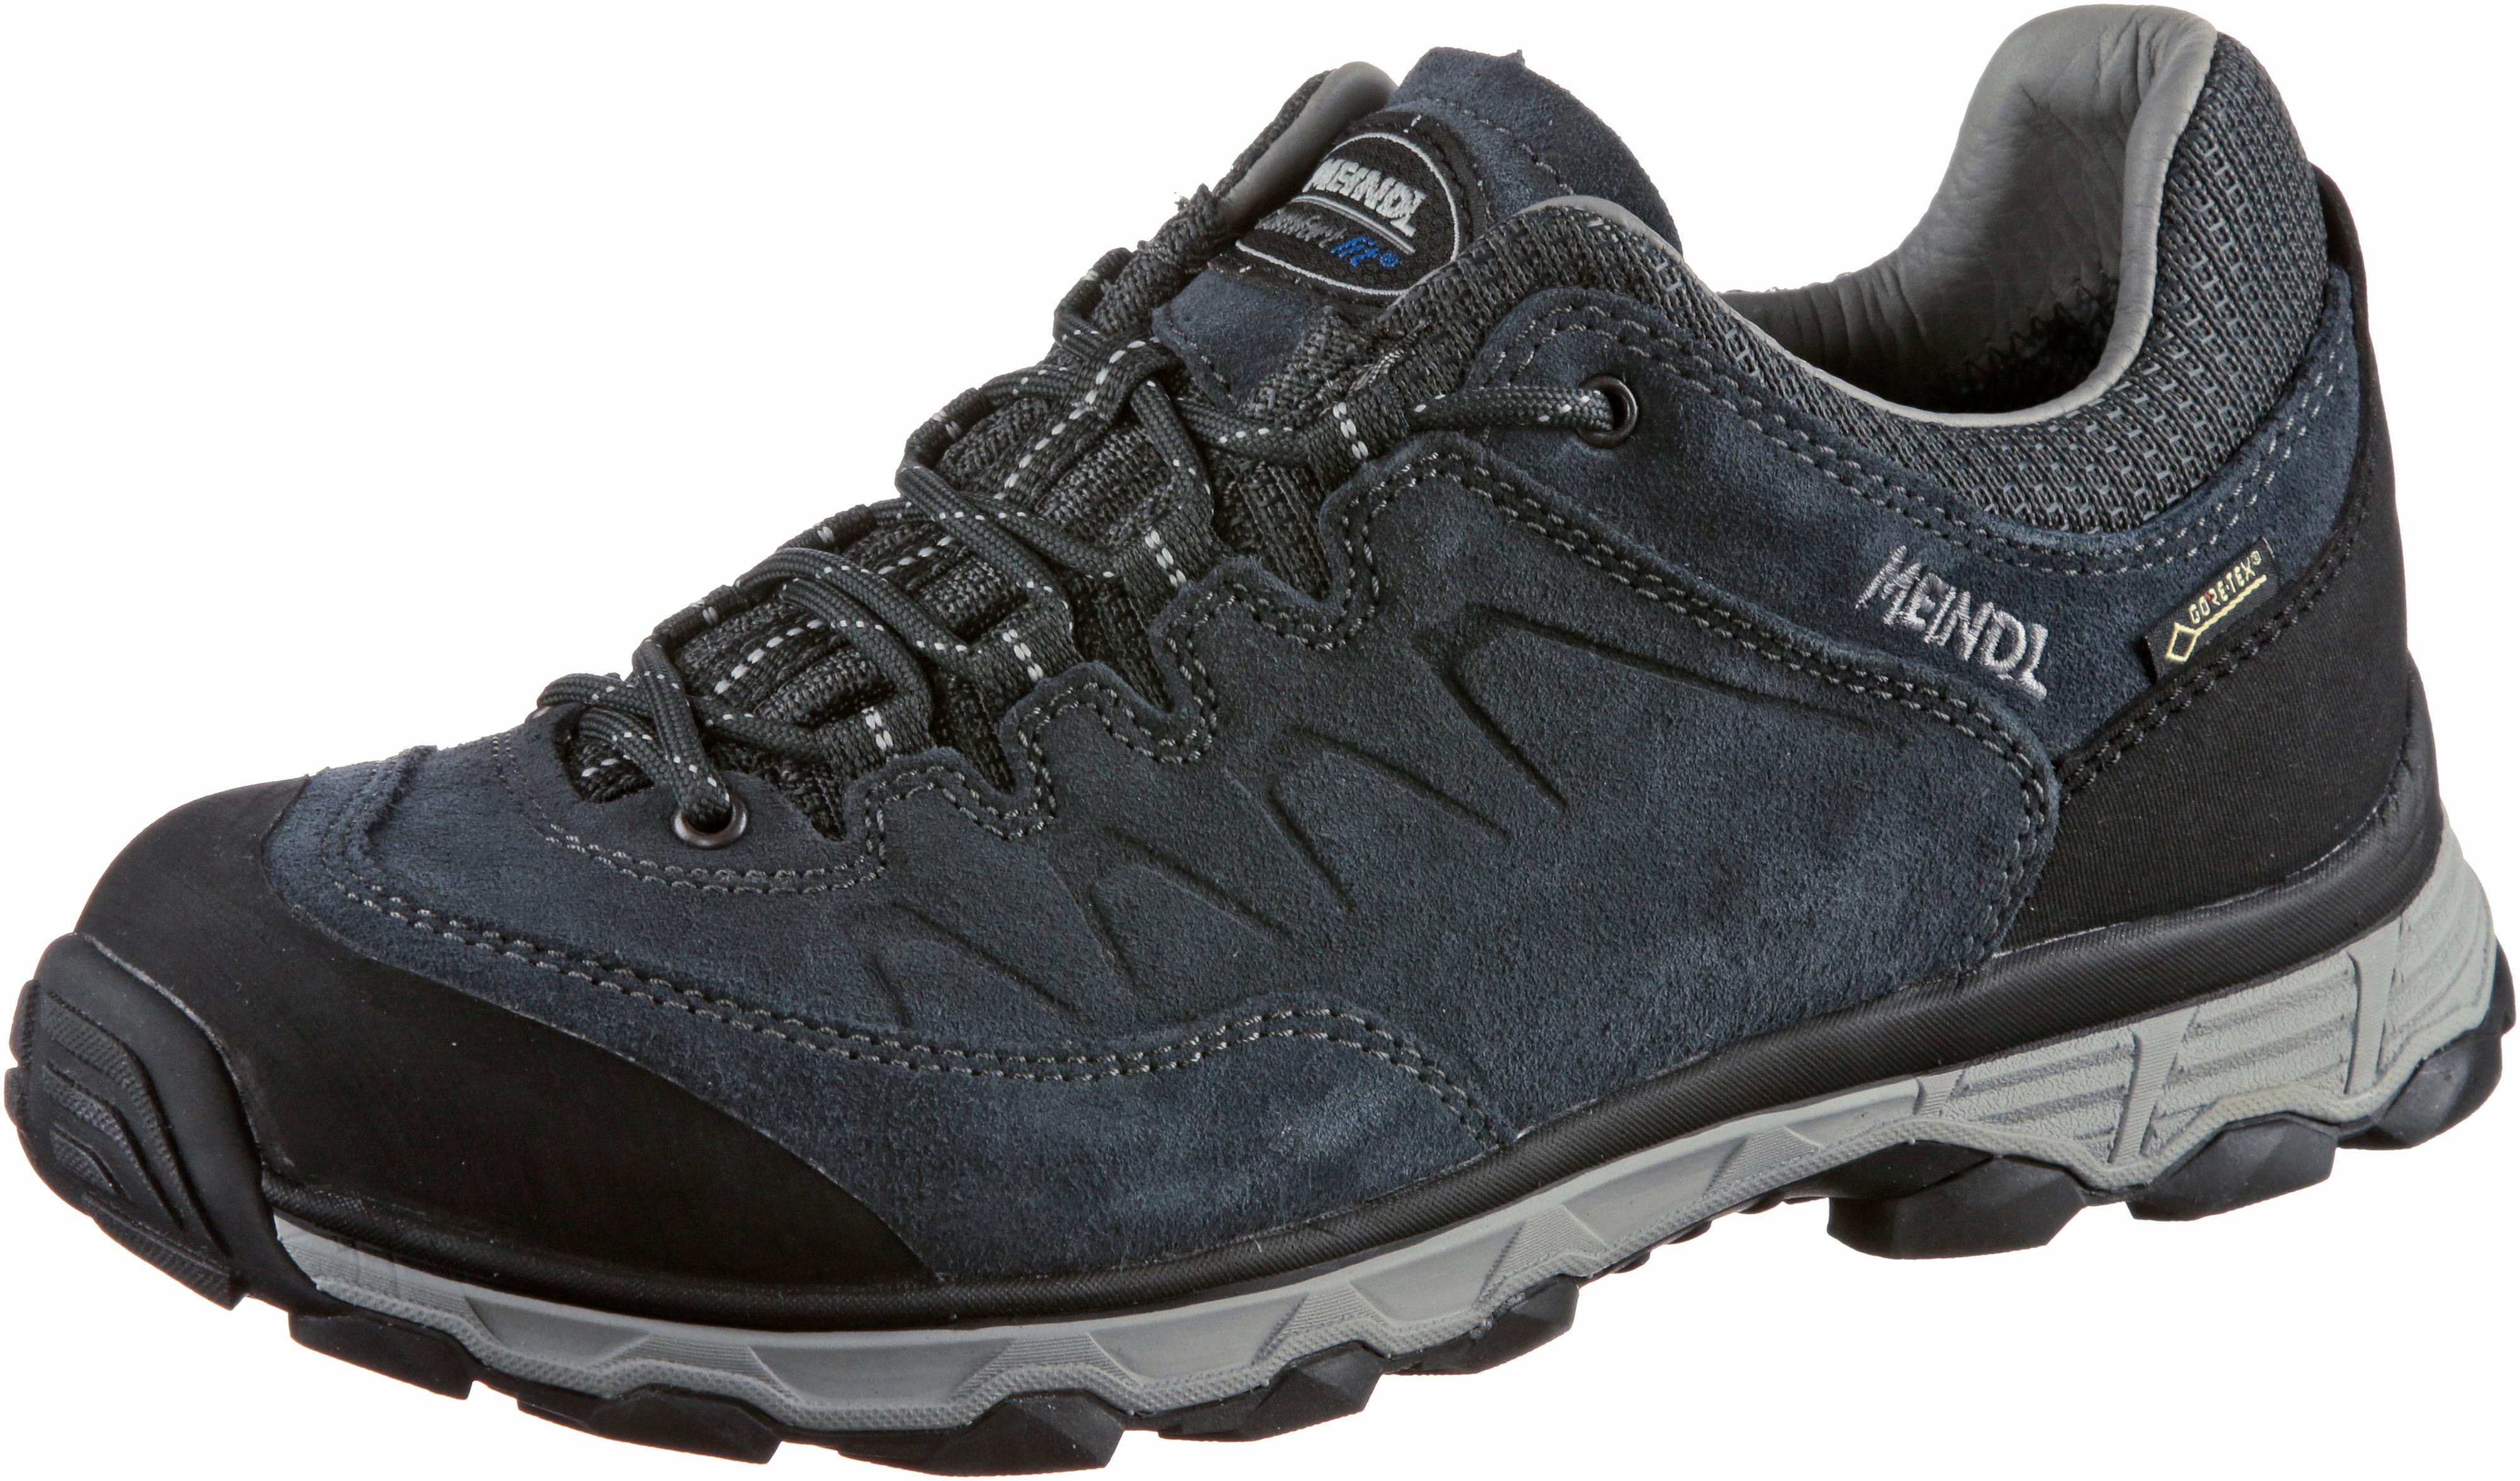 MEINDL Asti GTX Wanderschuhe Damen marine marine marine im Online Shop von SportScheck kaufen Gute Qualität beliebte Schuhe fa1d5d